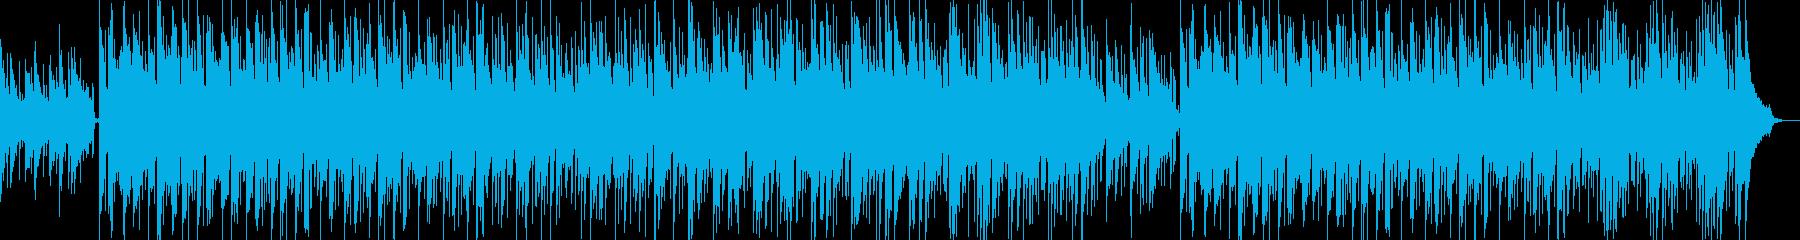 爽やか・軽快・感動的・映像・イベント用の再生済みの波形